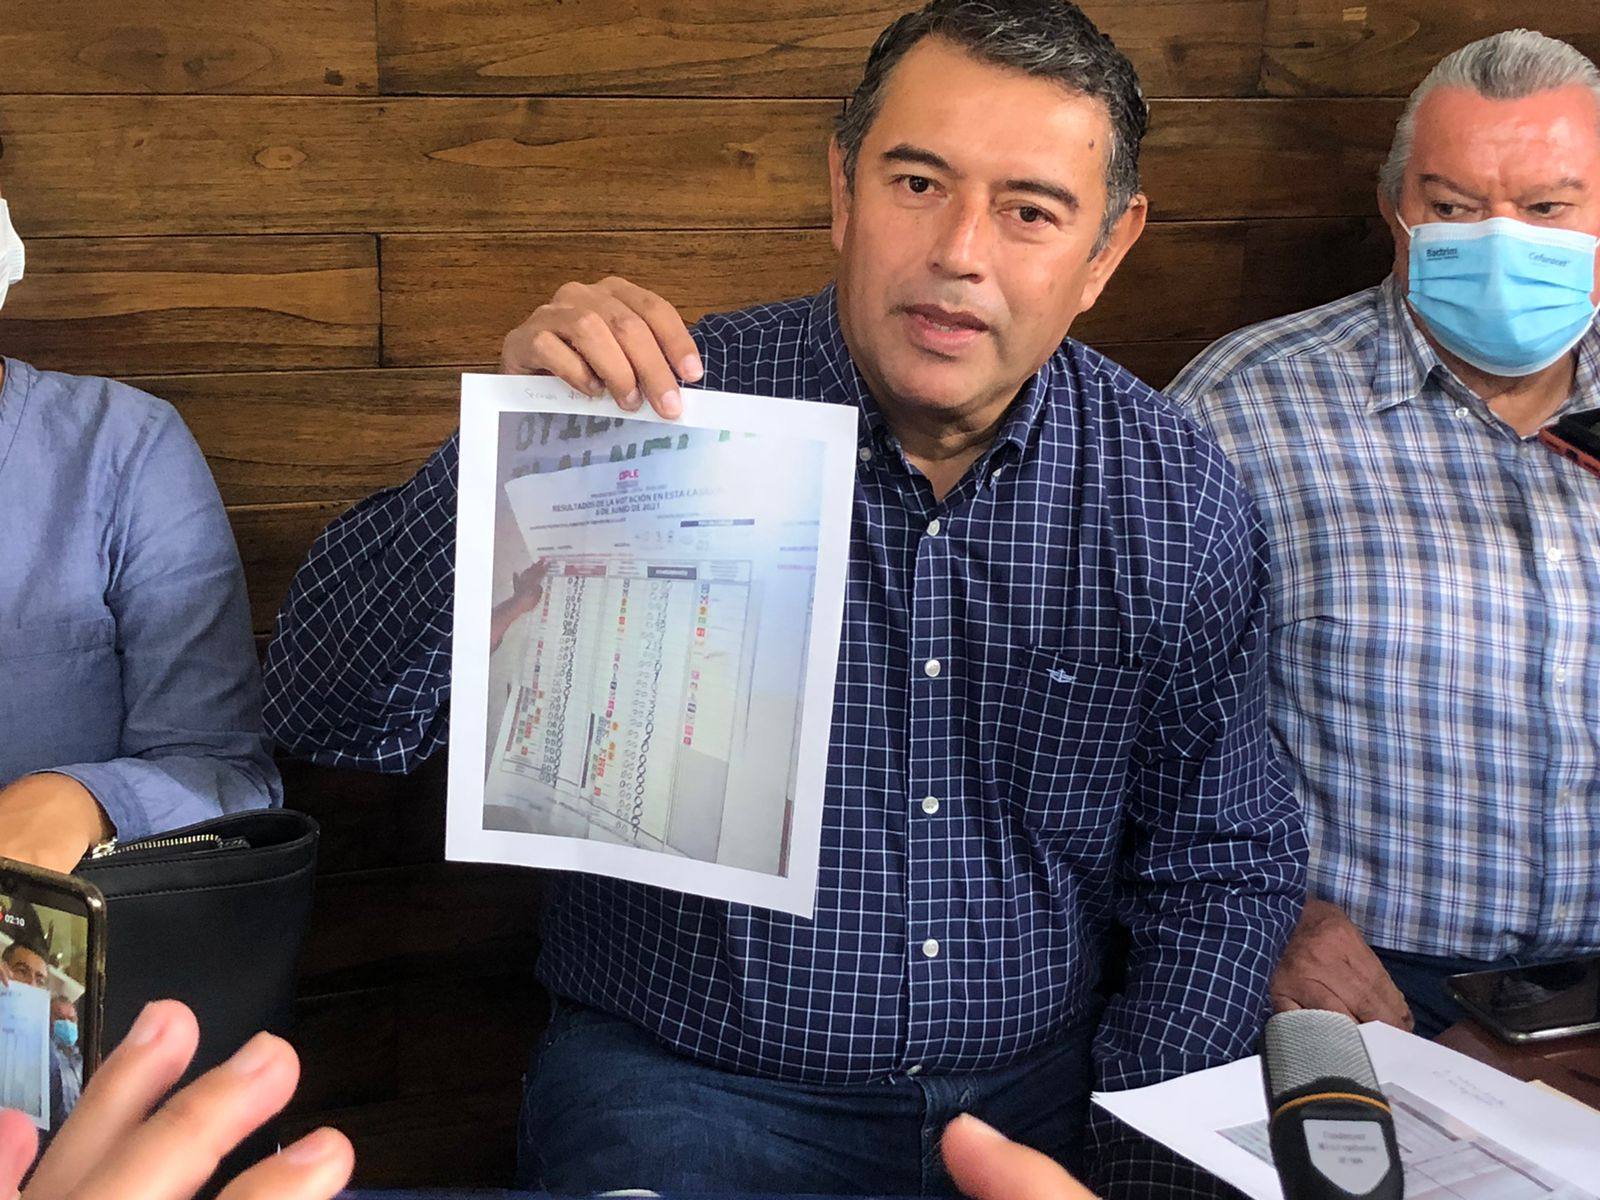 Candidato independiente de Coatepec exige apertura de paquetes, denuncia fraude